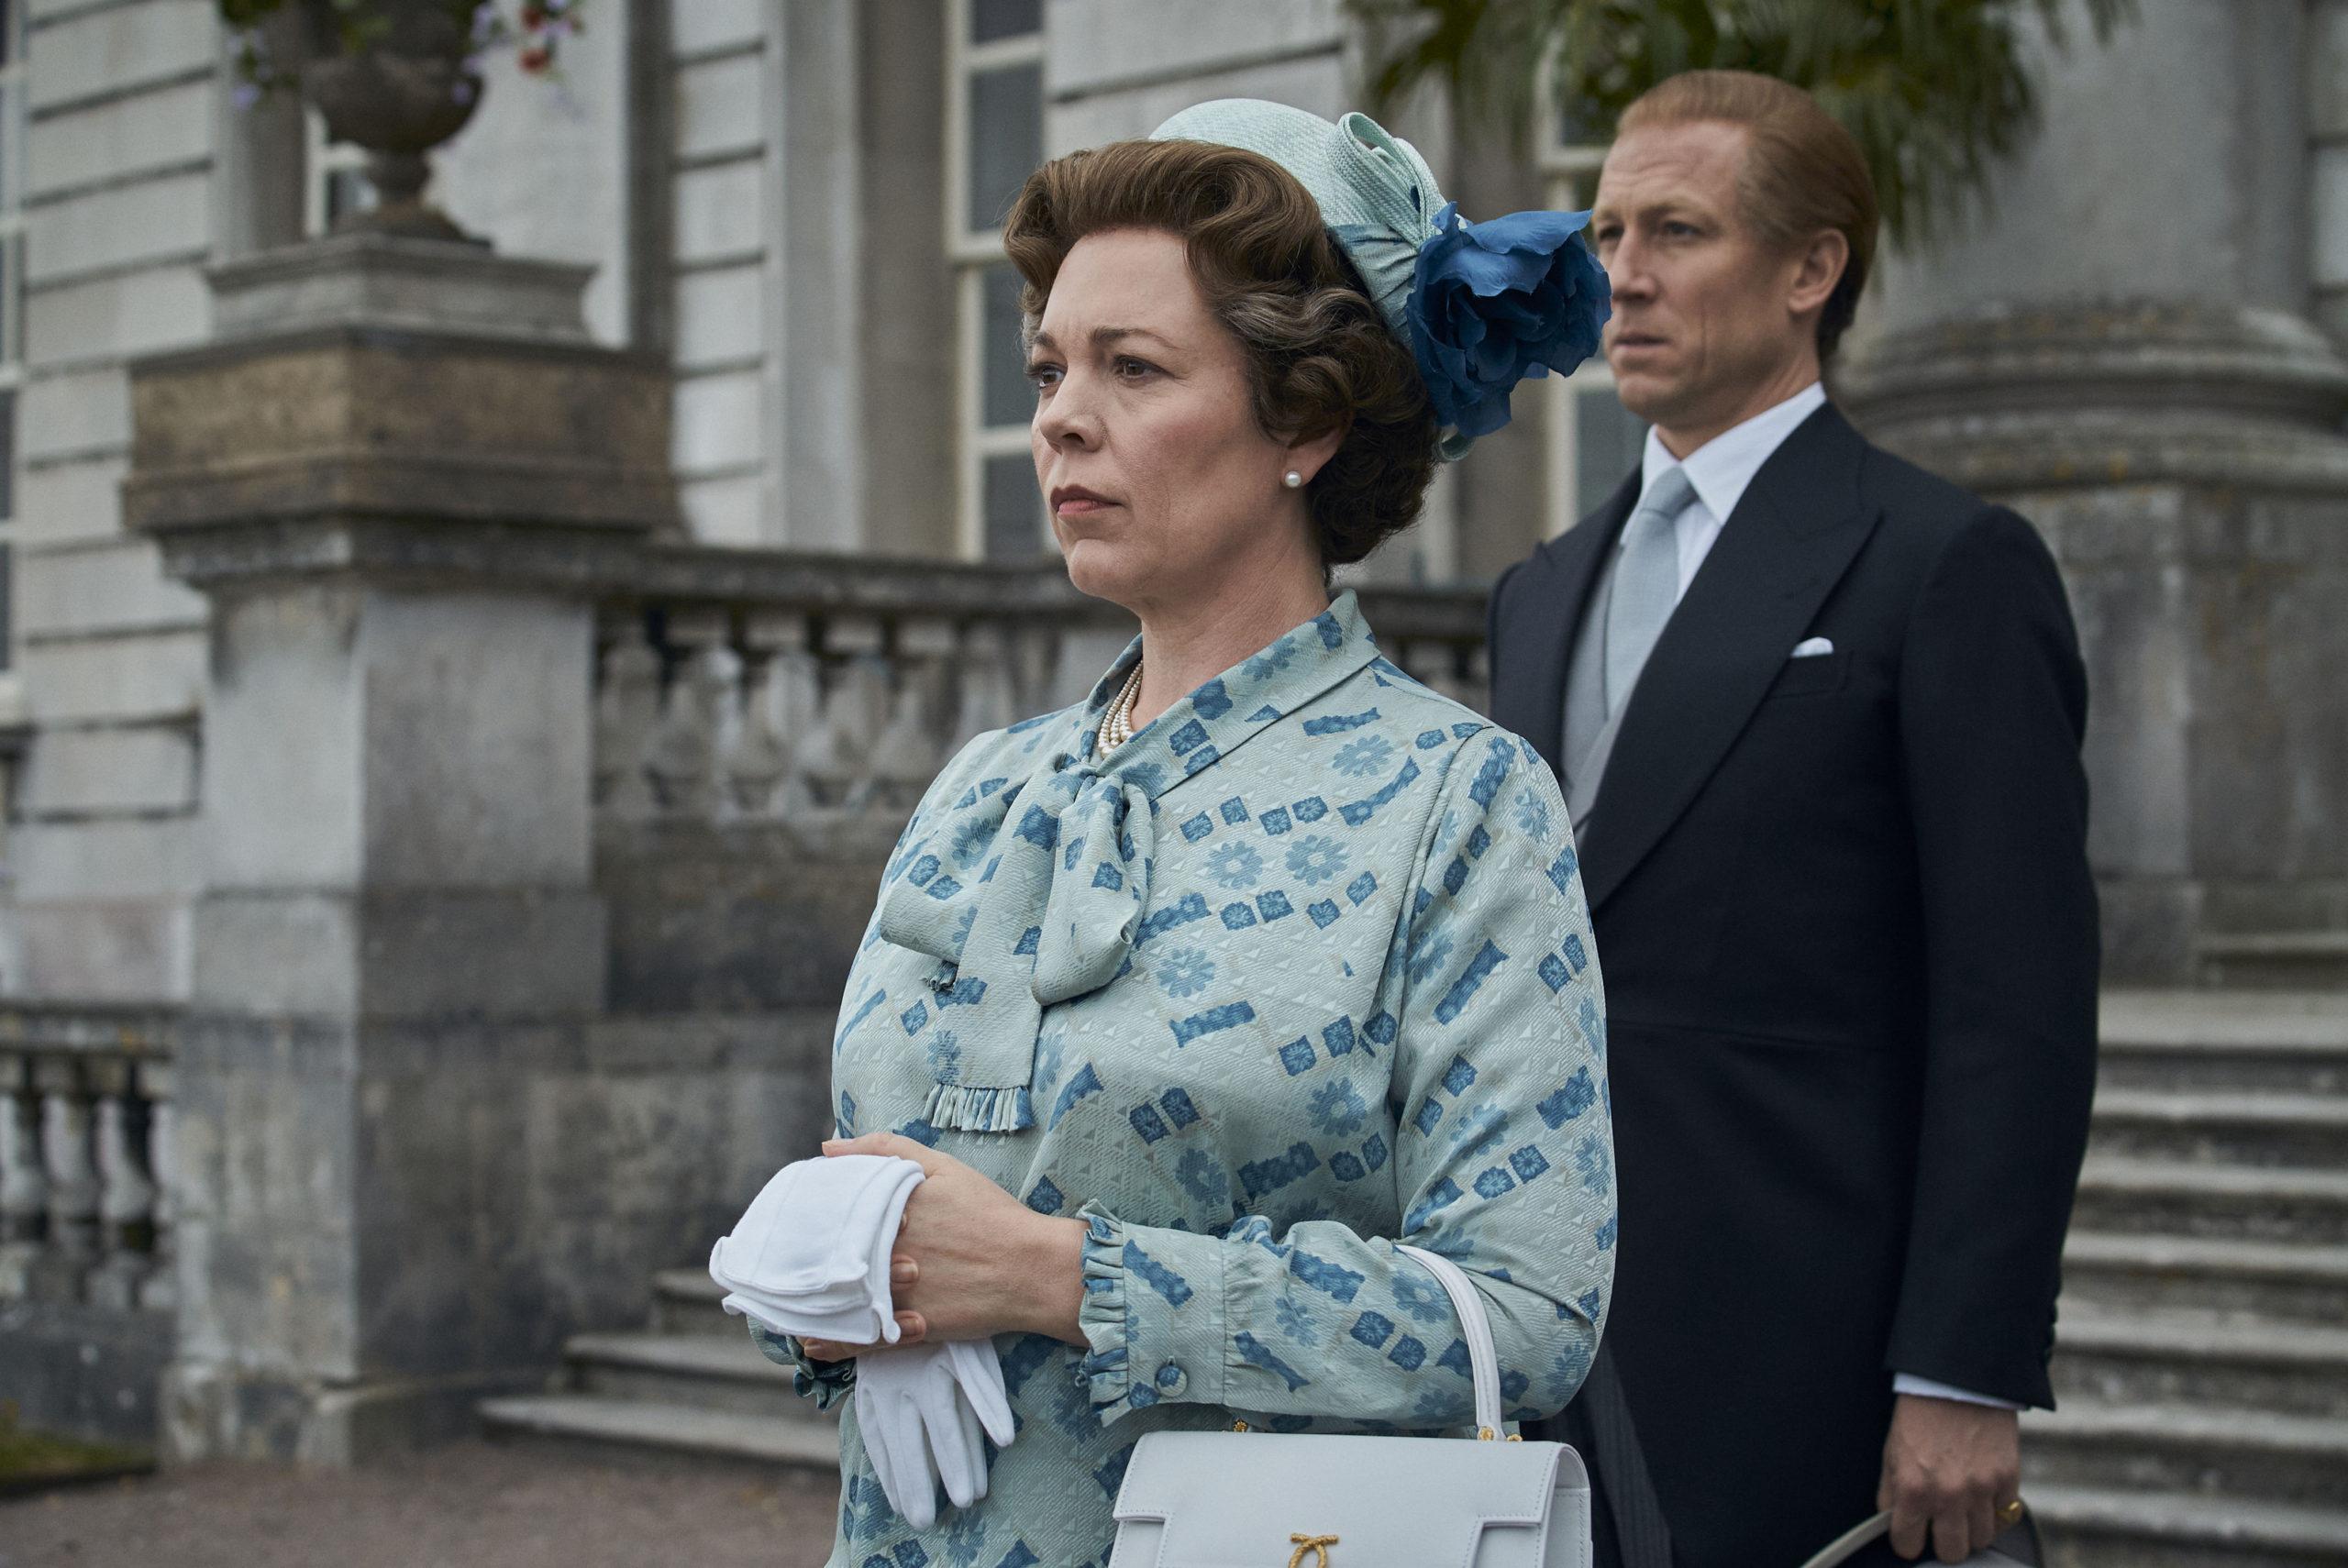 Na imagem, Rainha Elizabeth no centro e seu marido, Príncipe Philip logo atrás. A Rainha veste um vestido verde claro estampado e um chápeu verde, equanto o Princípe veste um terno preto.,